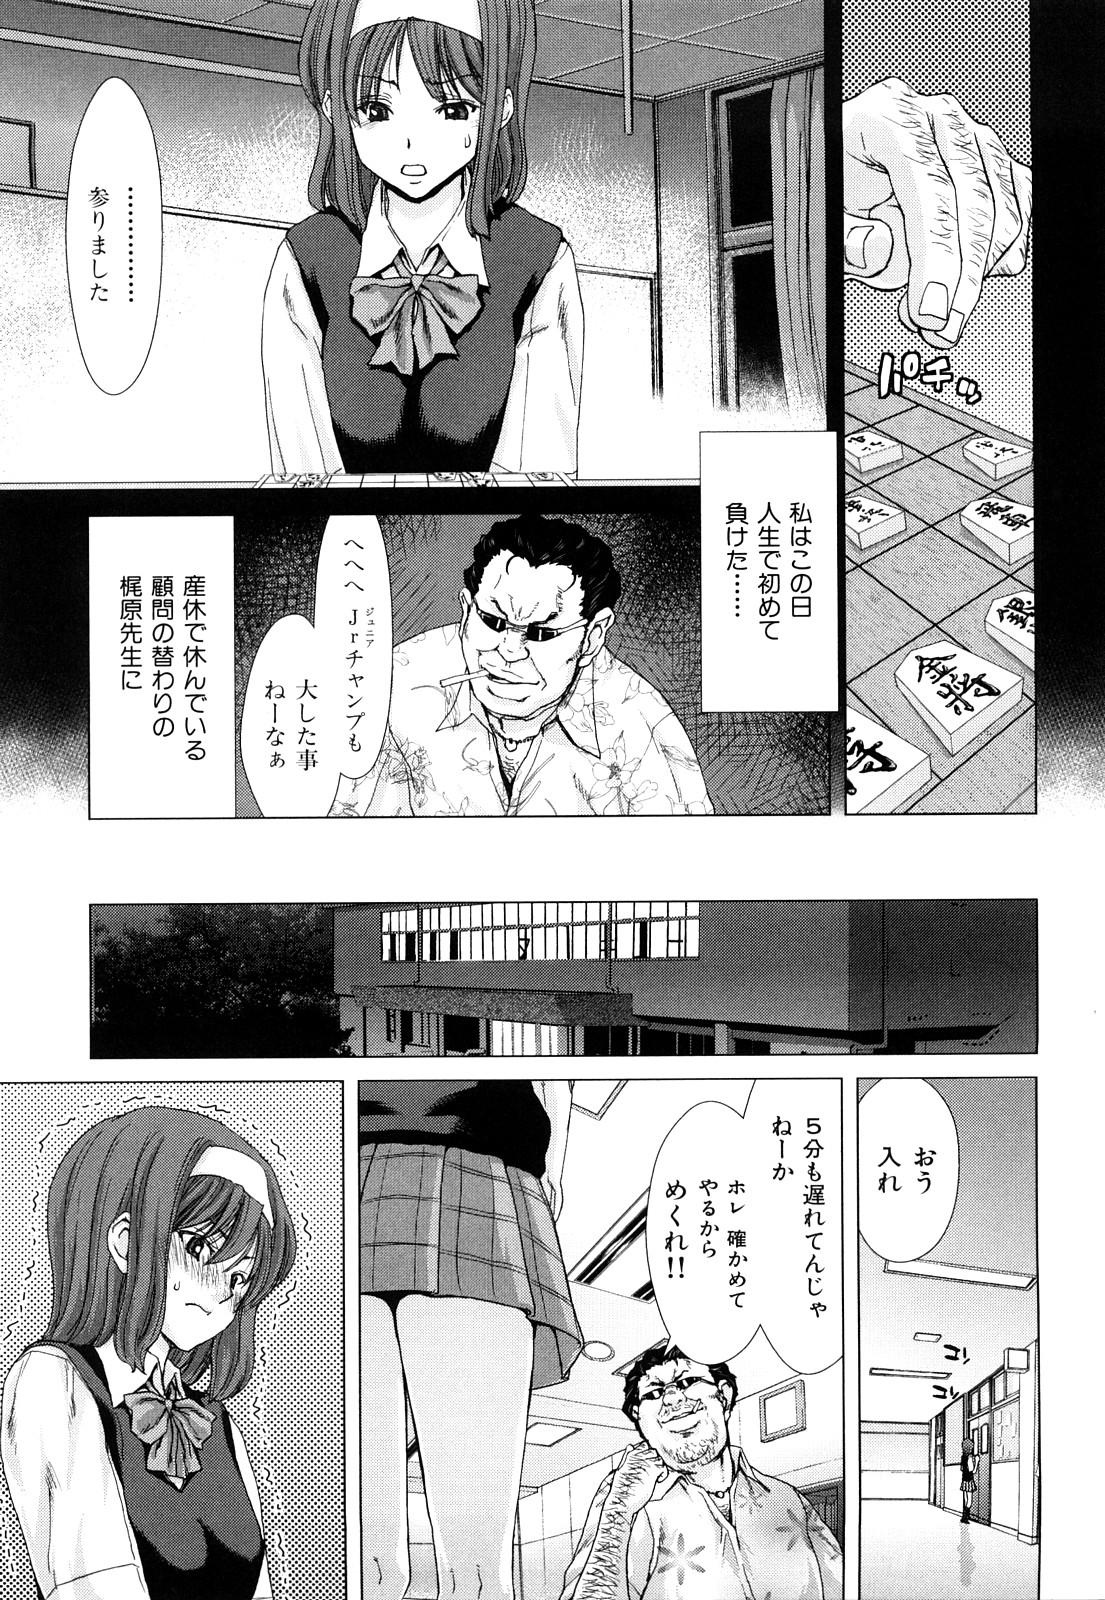 将棋で負けたJKは中年男に服従することになり、アナルを犯されると処女も奪われるwww